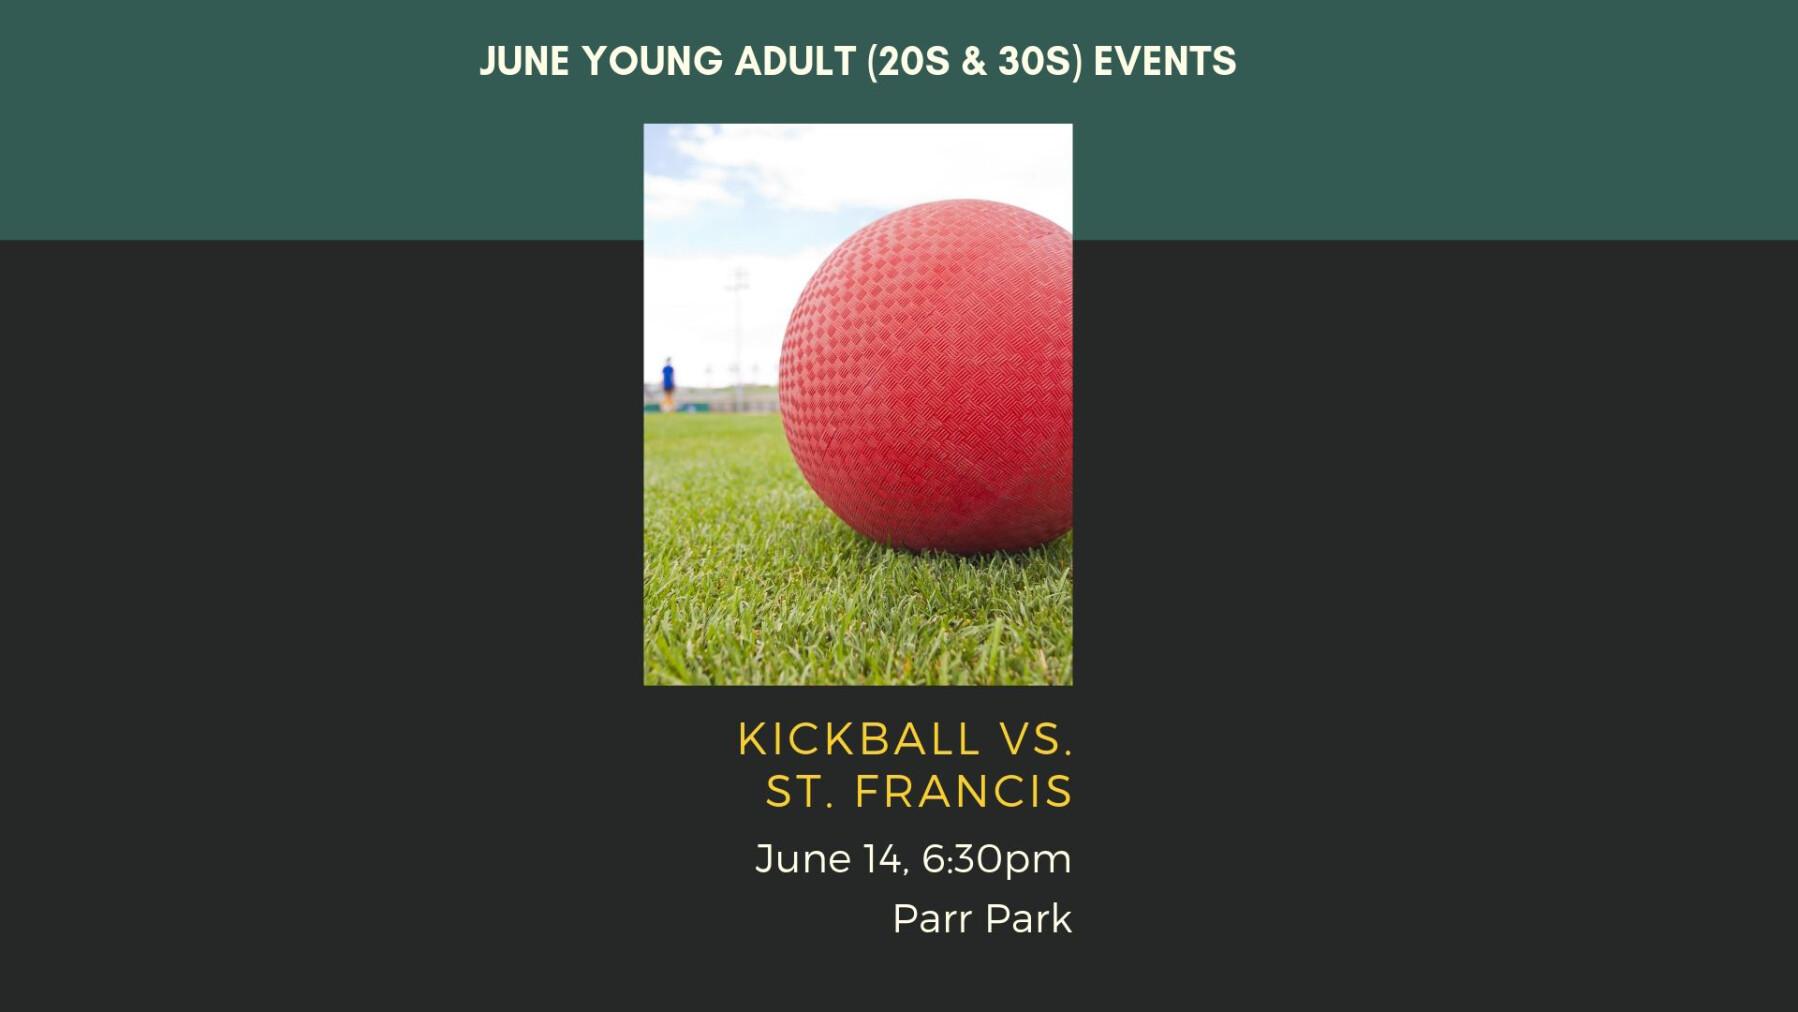 Young Adult Kickball